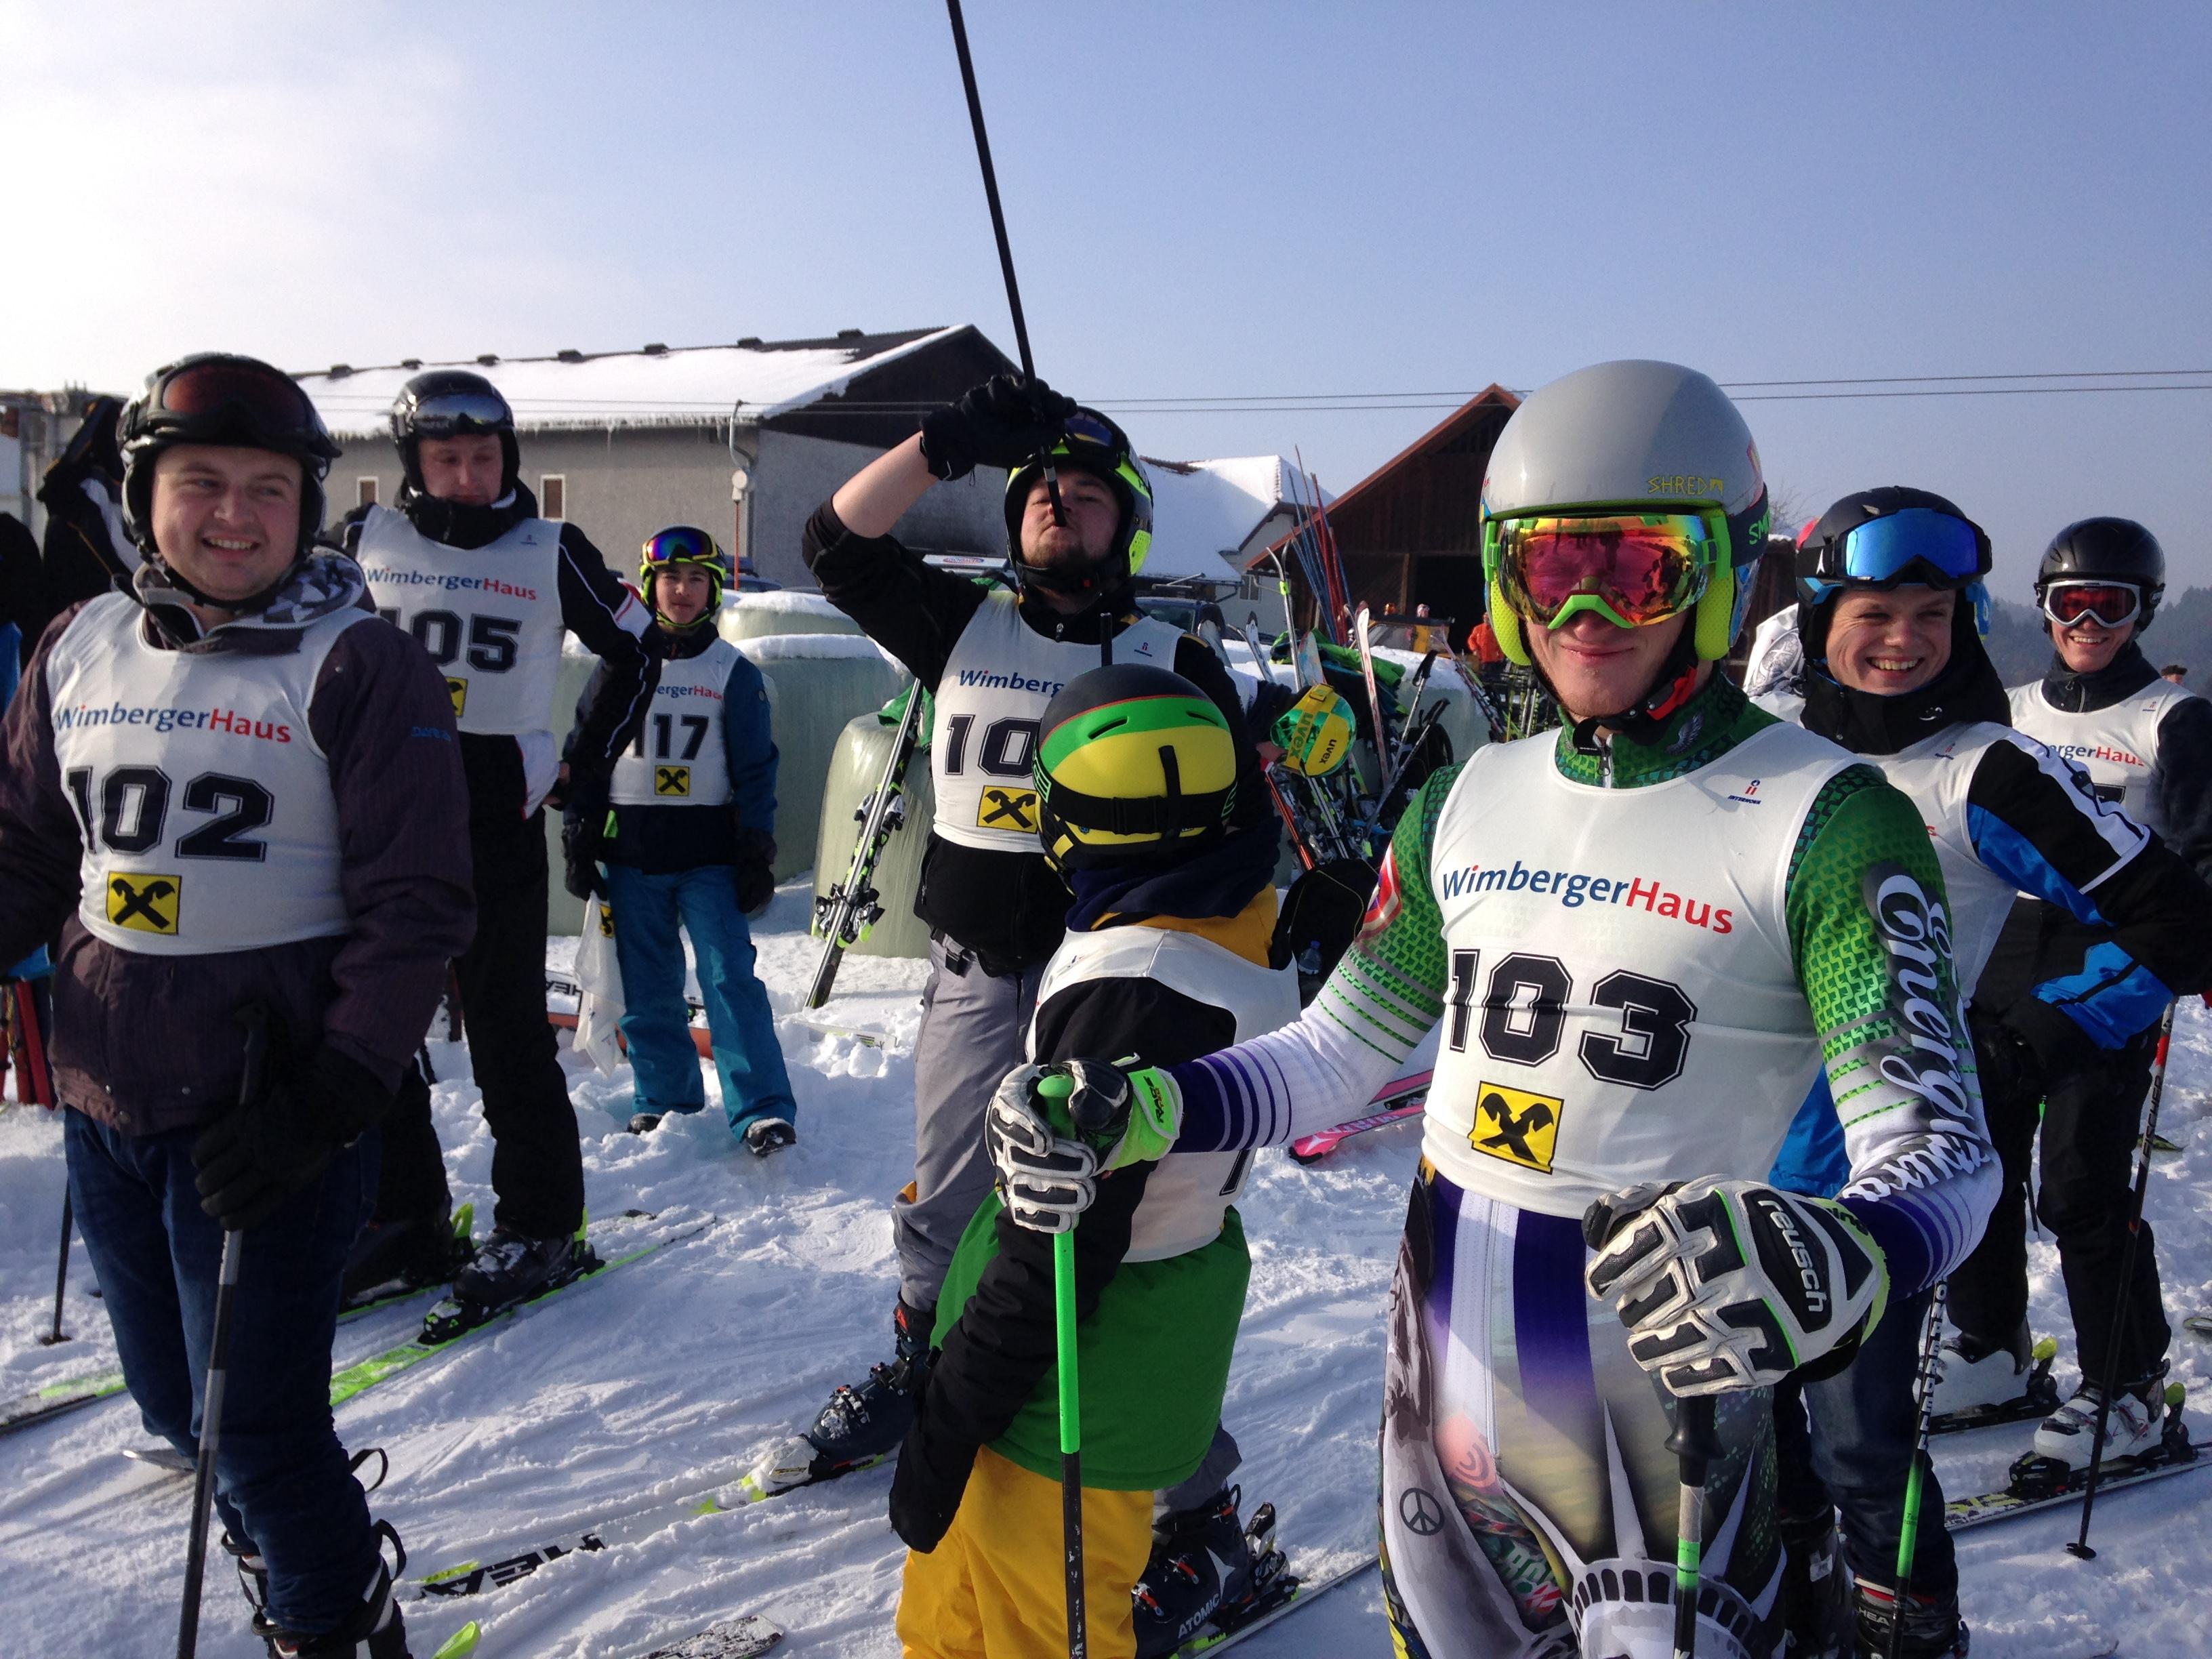 Gemeindemeisterschaft Ski und Snowboard